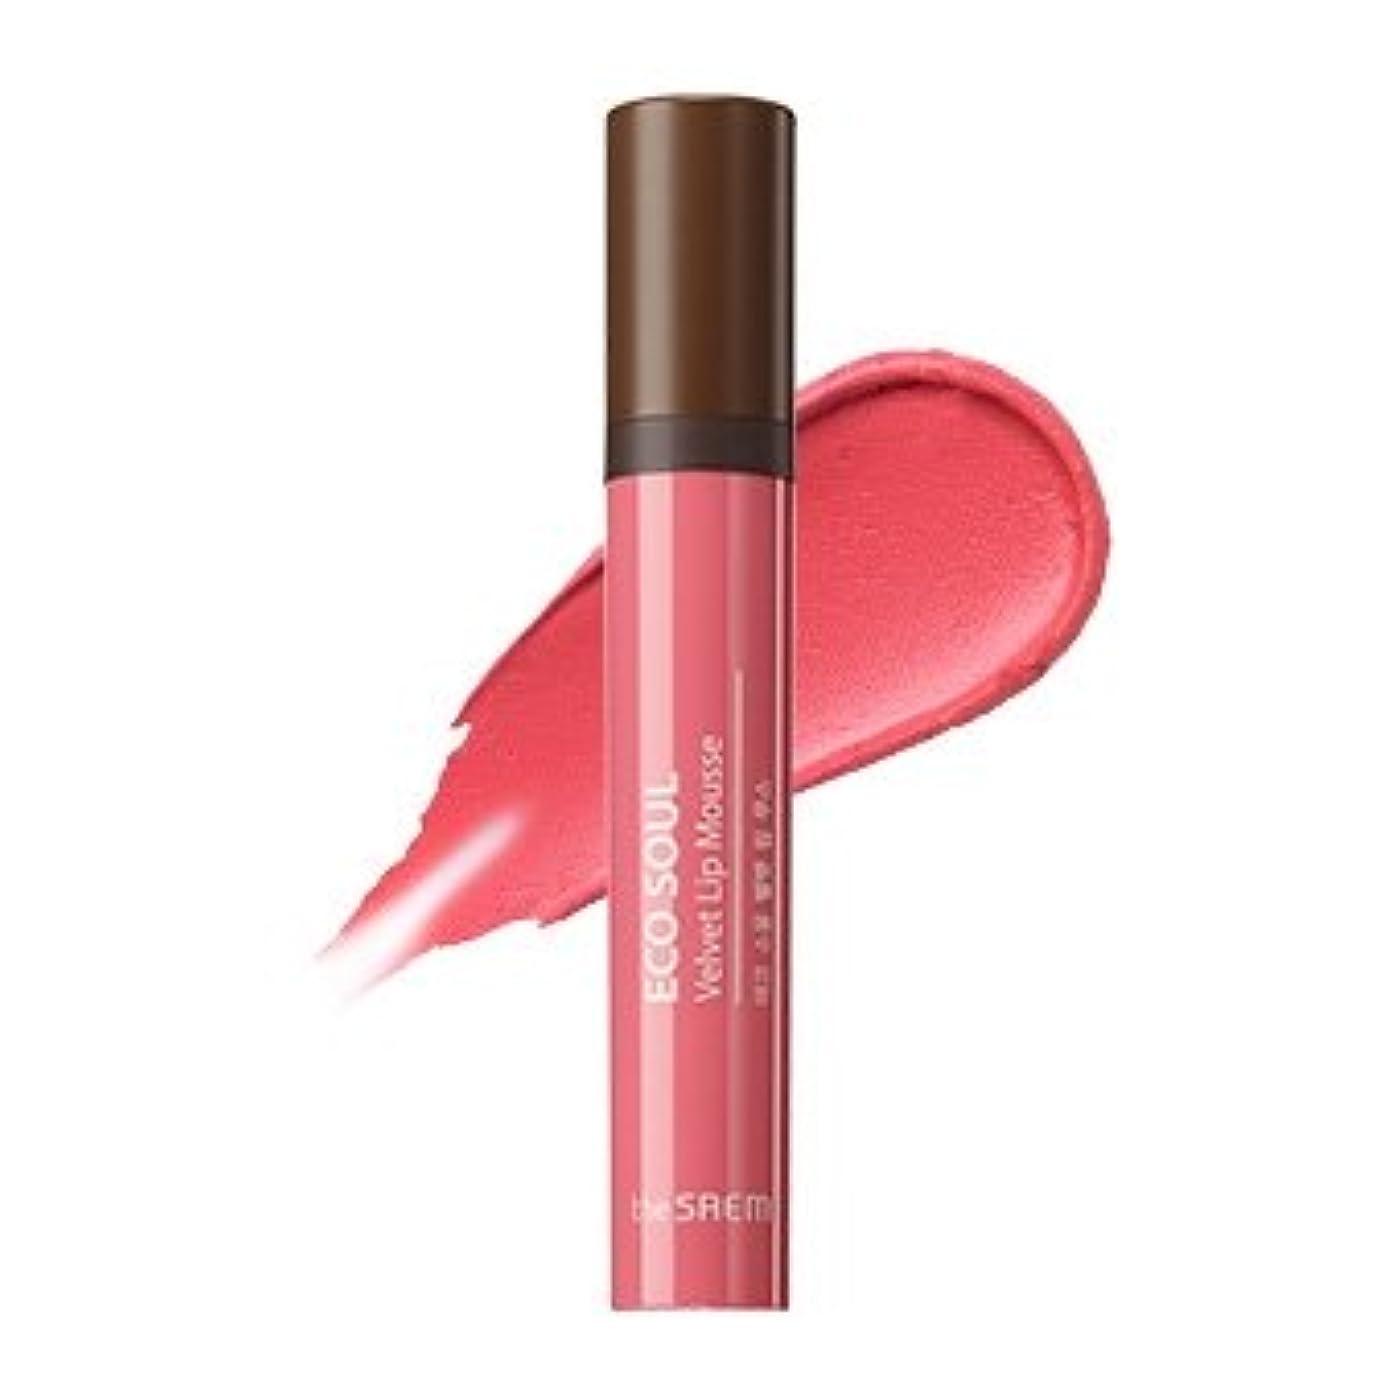 機転報復罪人the SAEM Eco Soul Velvet Lip Mousse 5.5g/ザセム エコ ソウル ベルベット リップ ムース 5.5g (#CR01 Bless You) [並行輸入品]